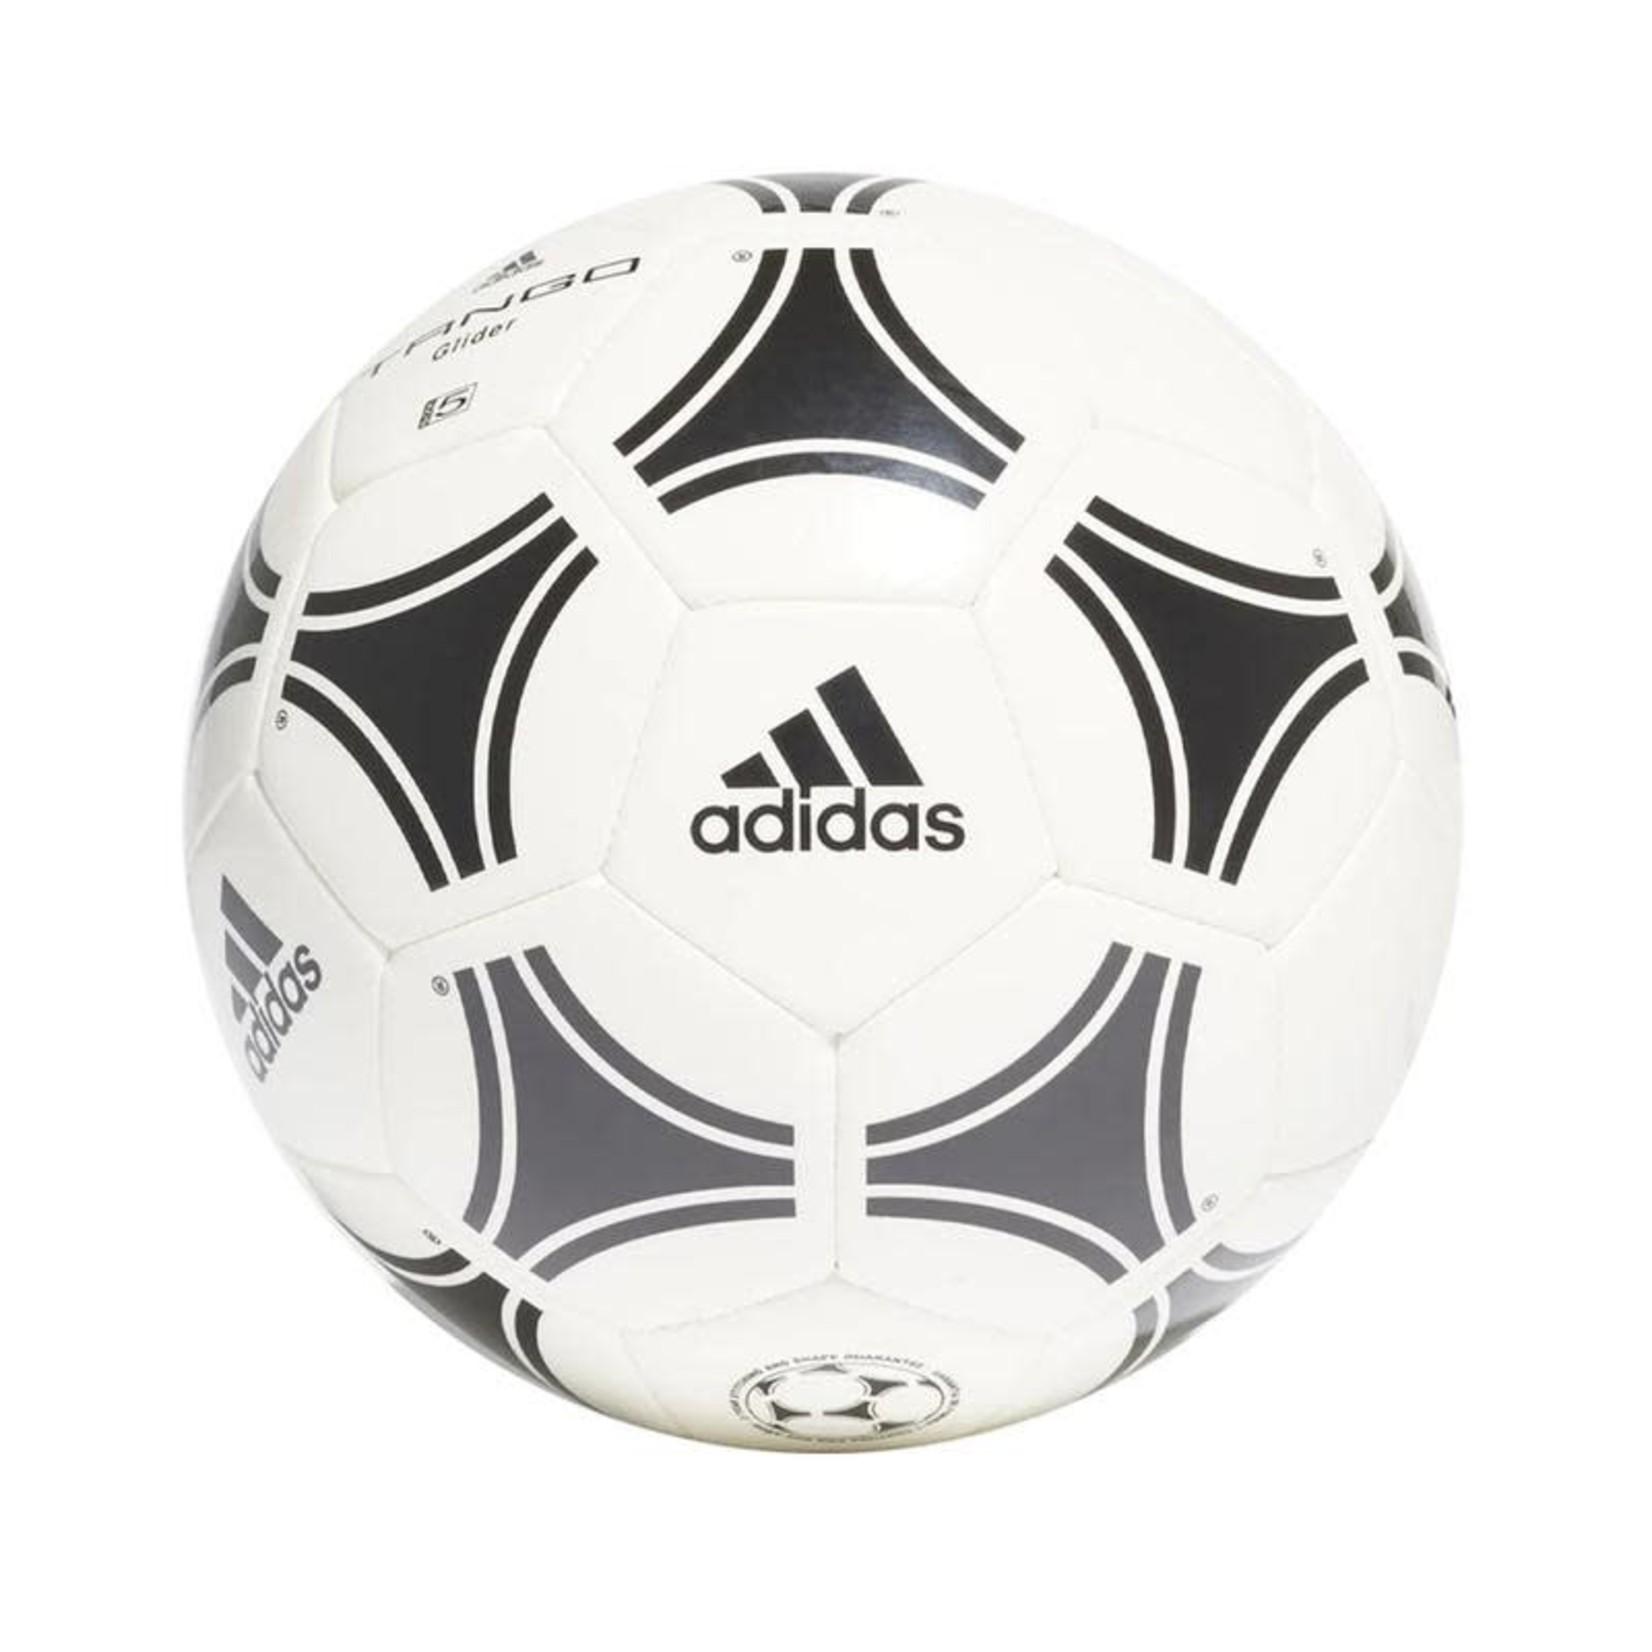 Adidas Adidas Soccer Ball, Tango Rosario